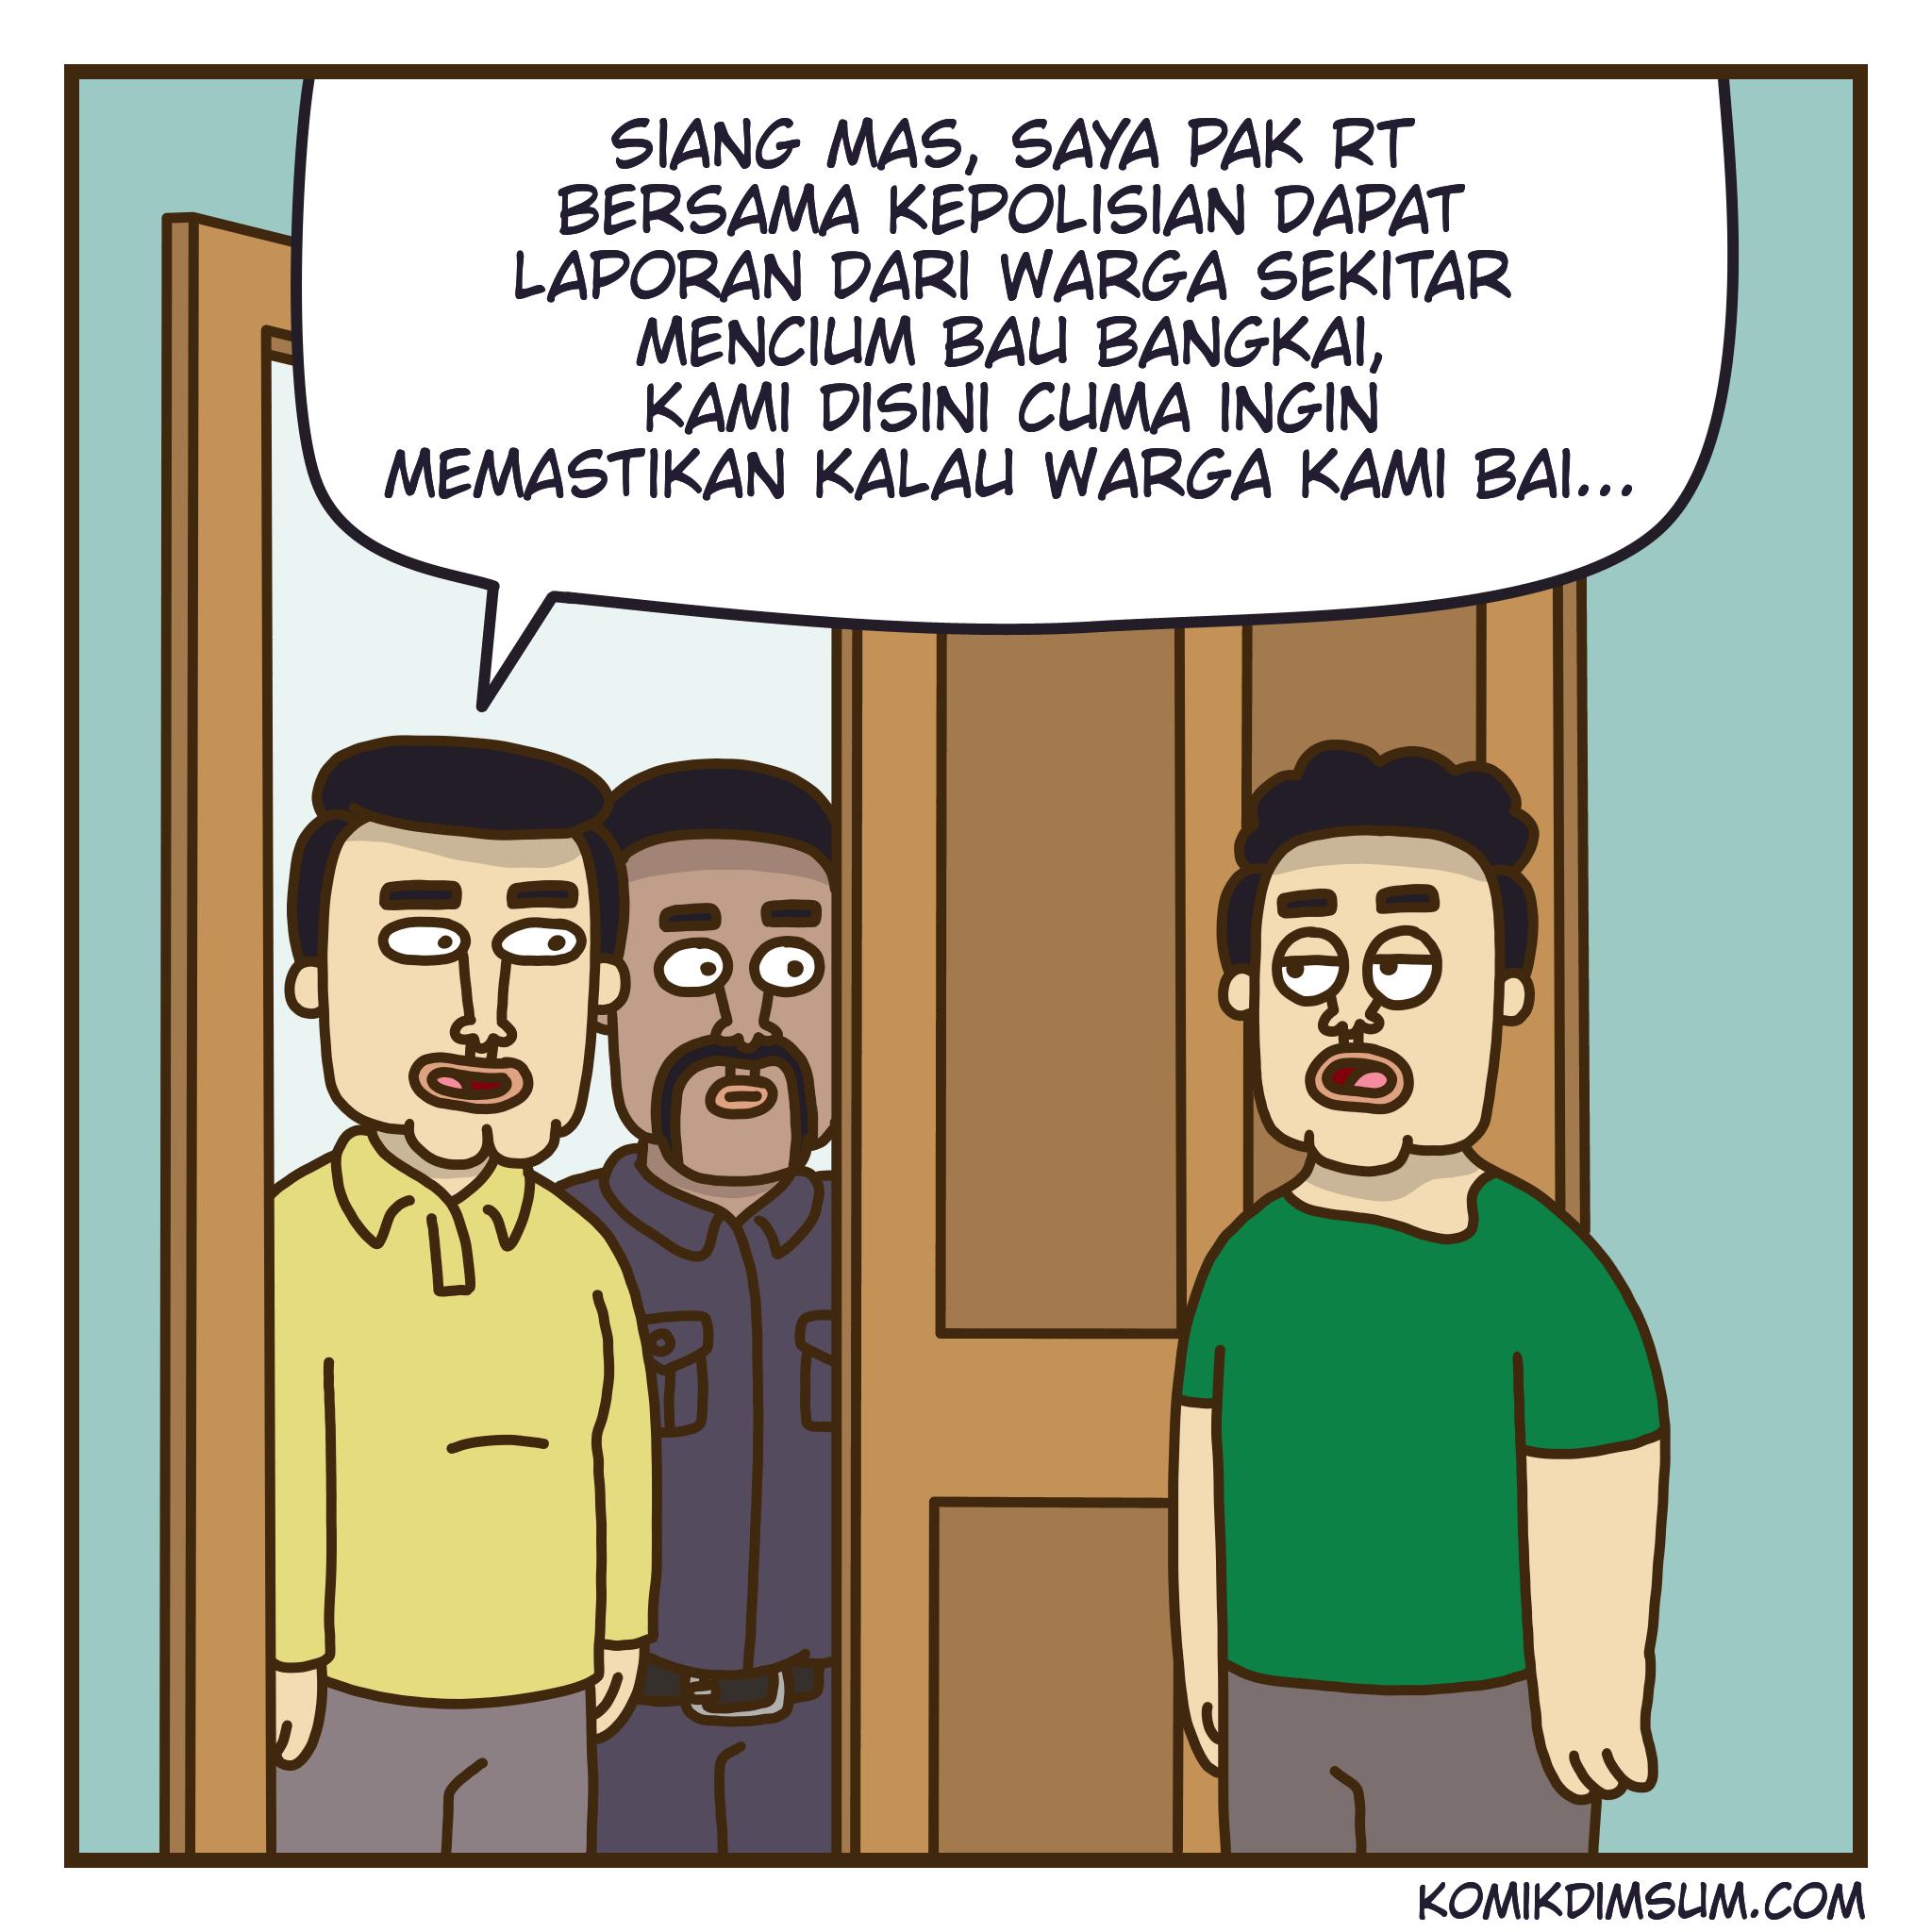 Bau Bangkai feat Enkasari